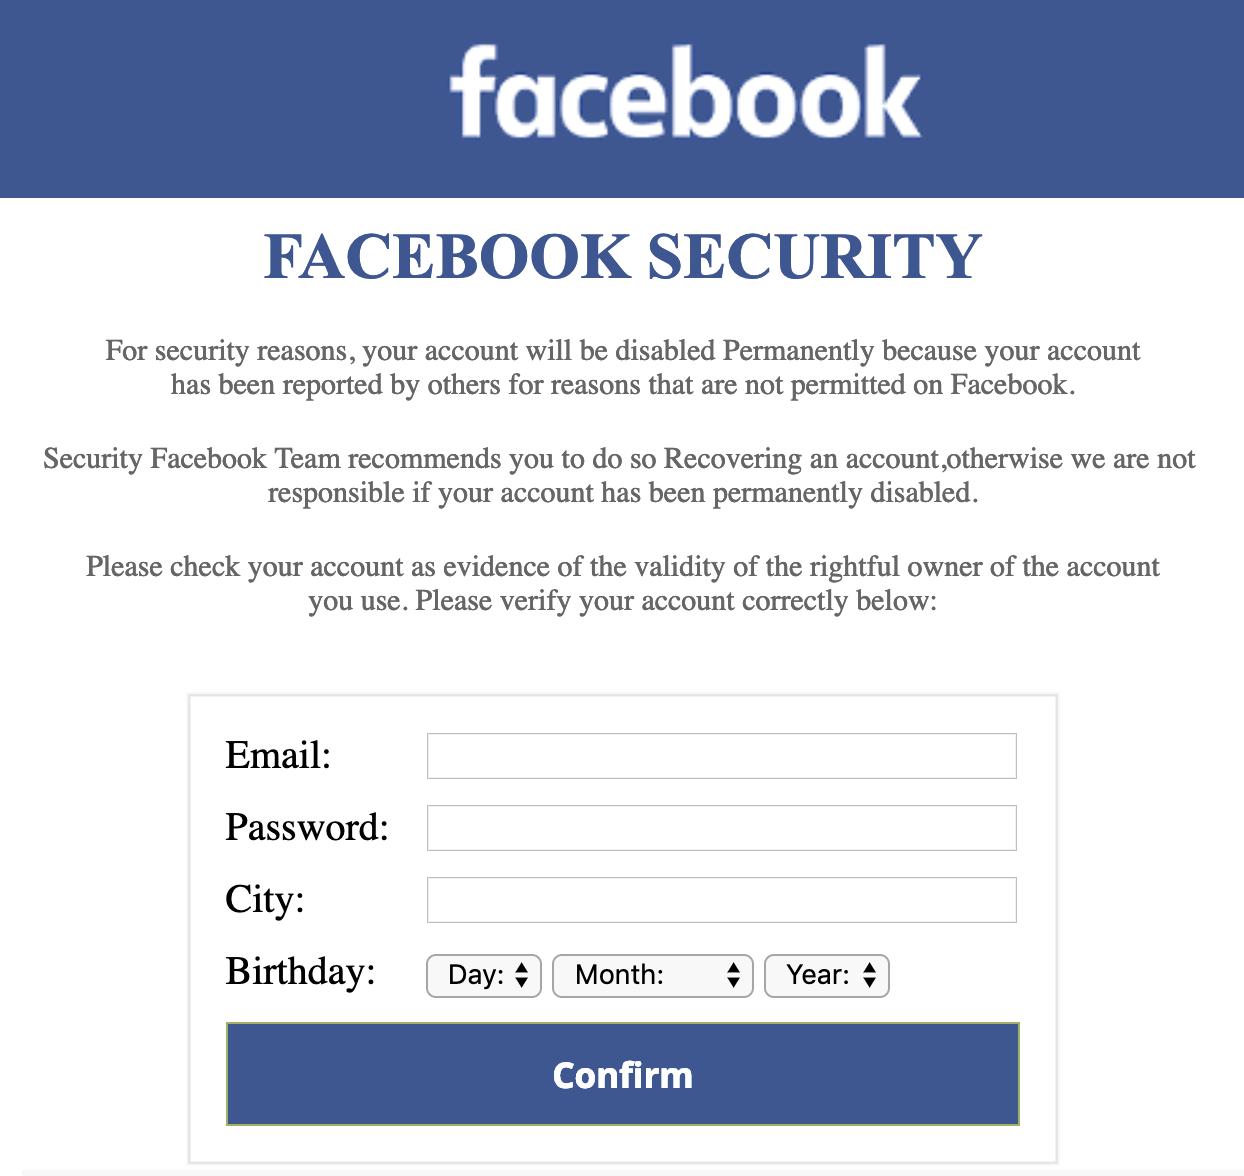 bogus fake phishing facebook security warning confirm login